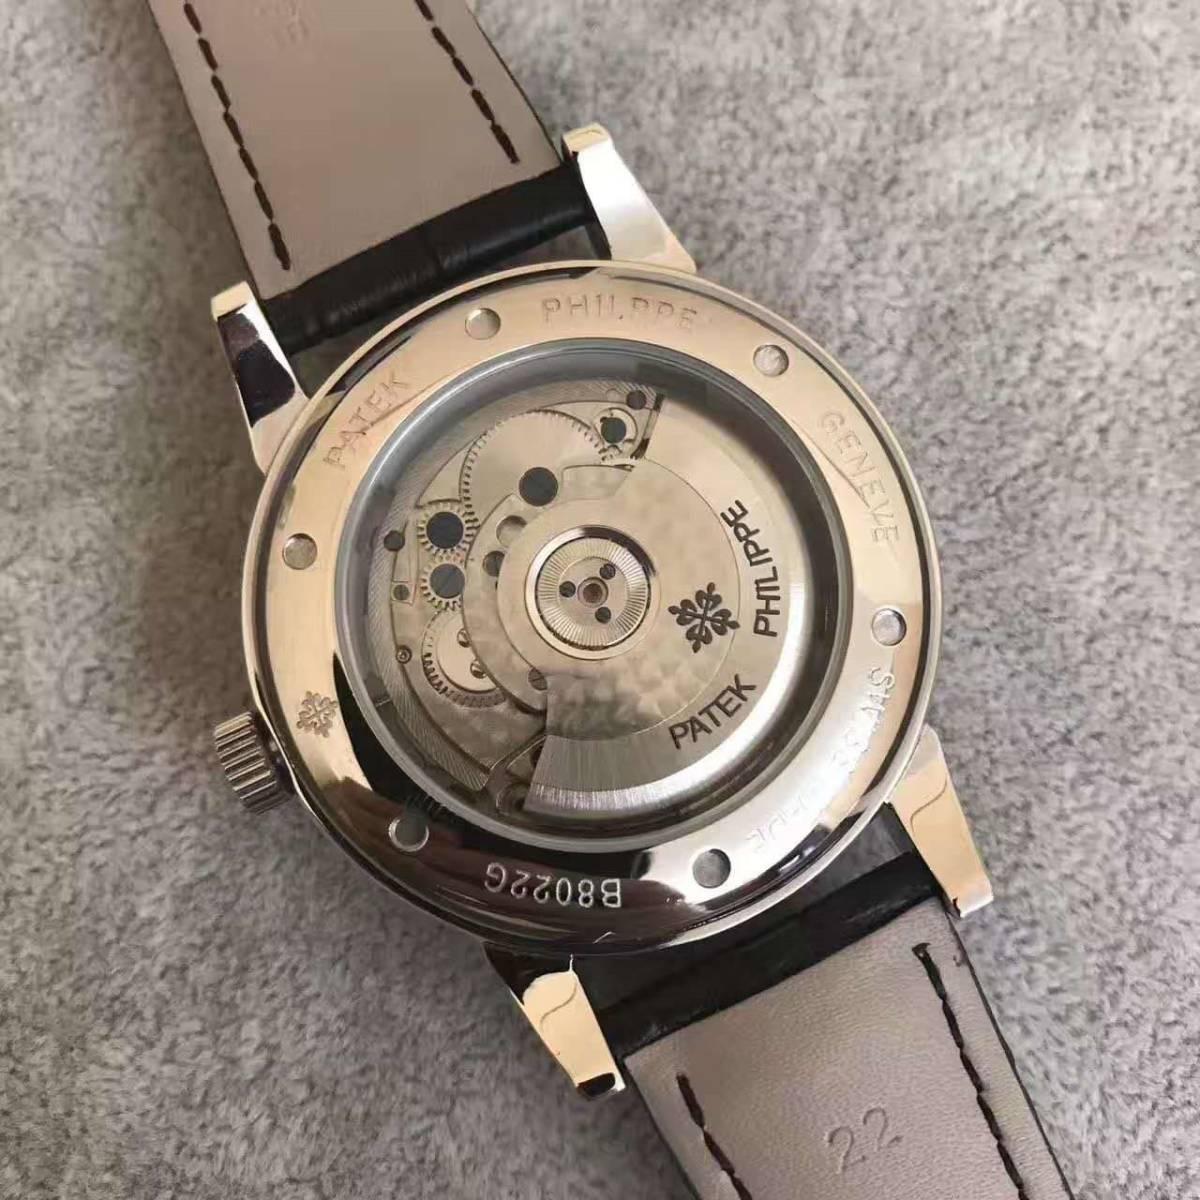 新品 パテックフィリップ 自動巻き時計 大人気 腕時計 オートマティック メンズ _画像3